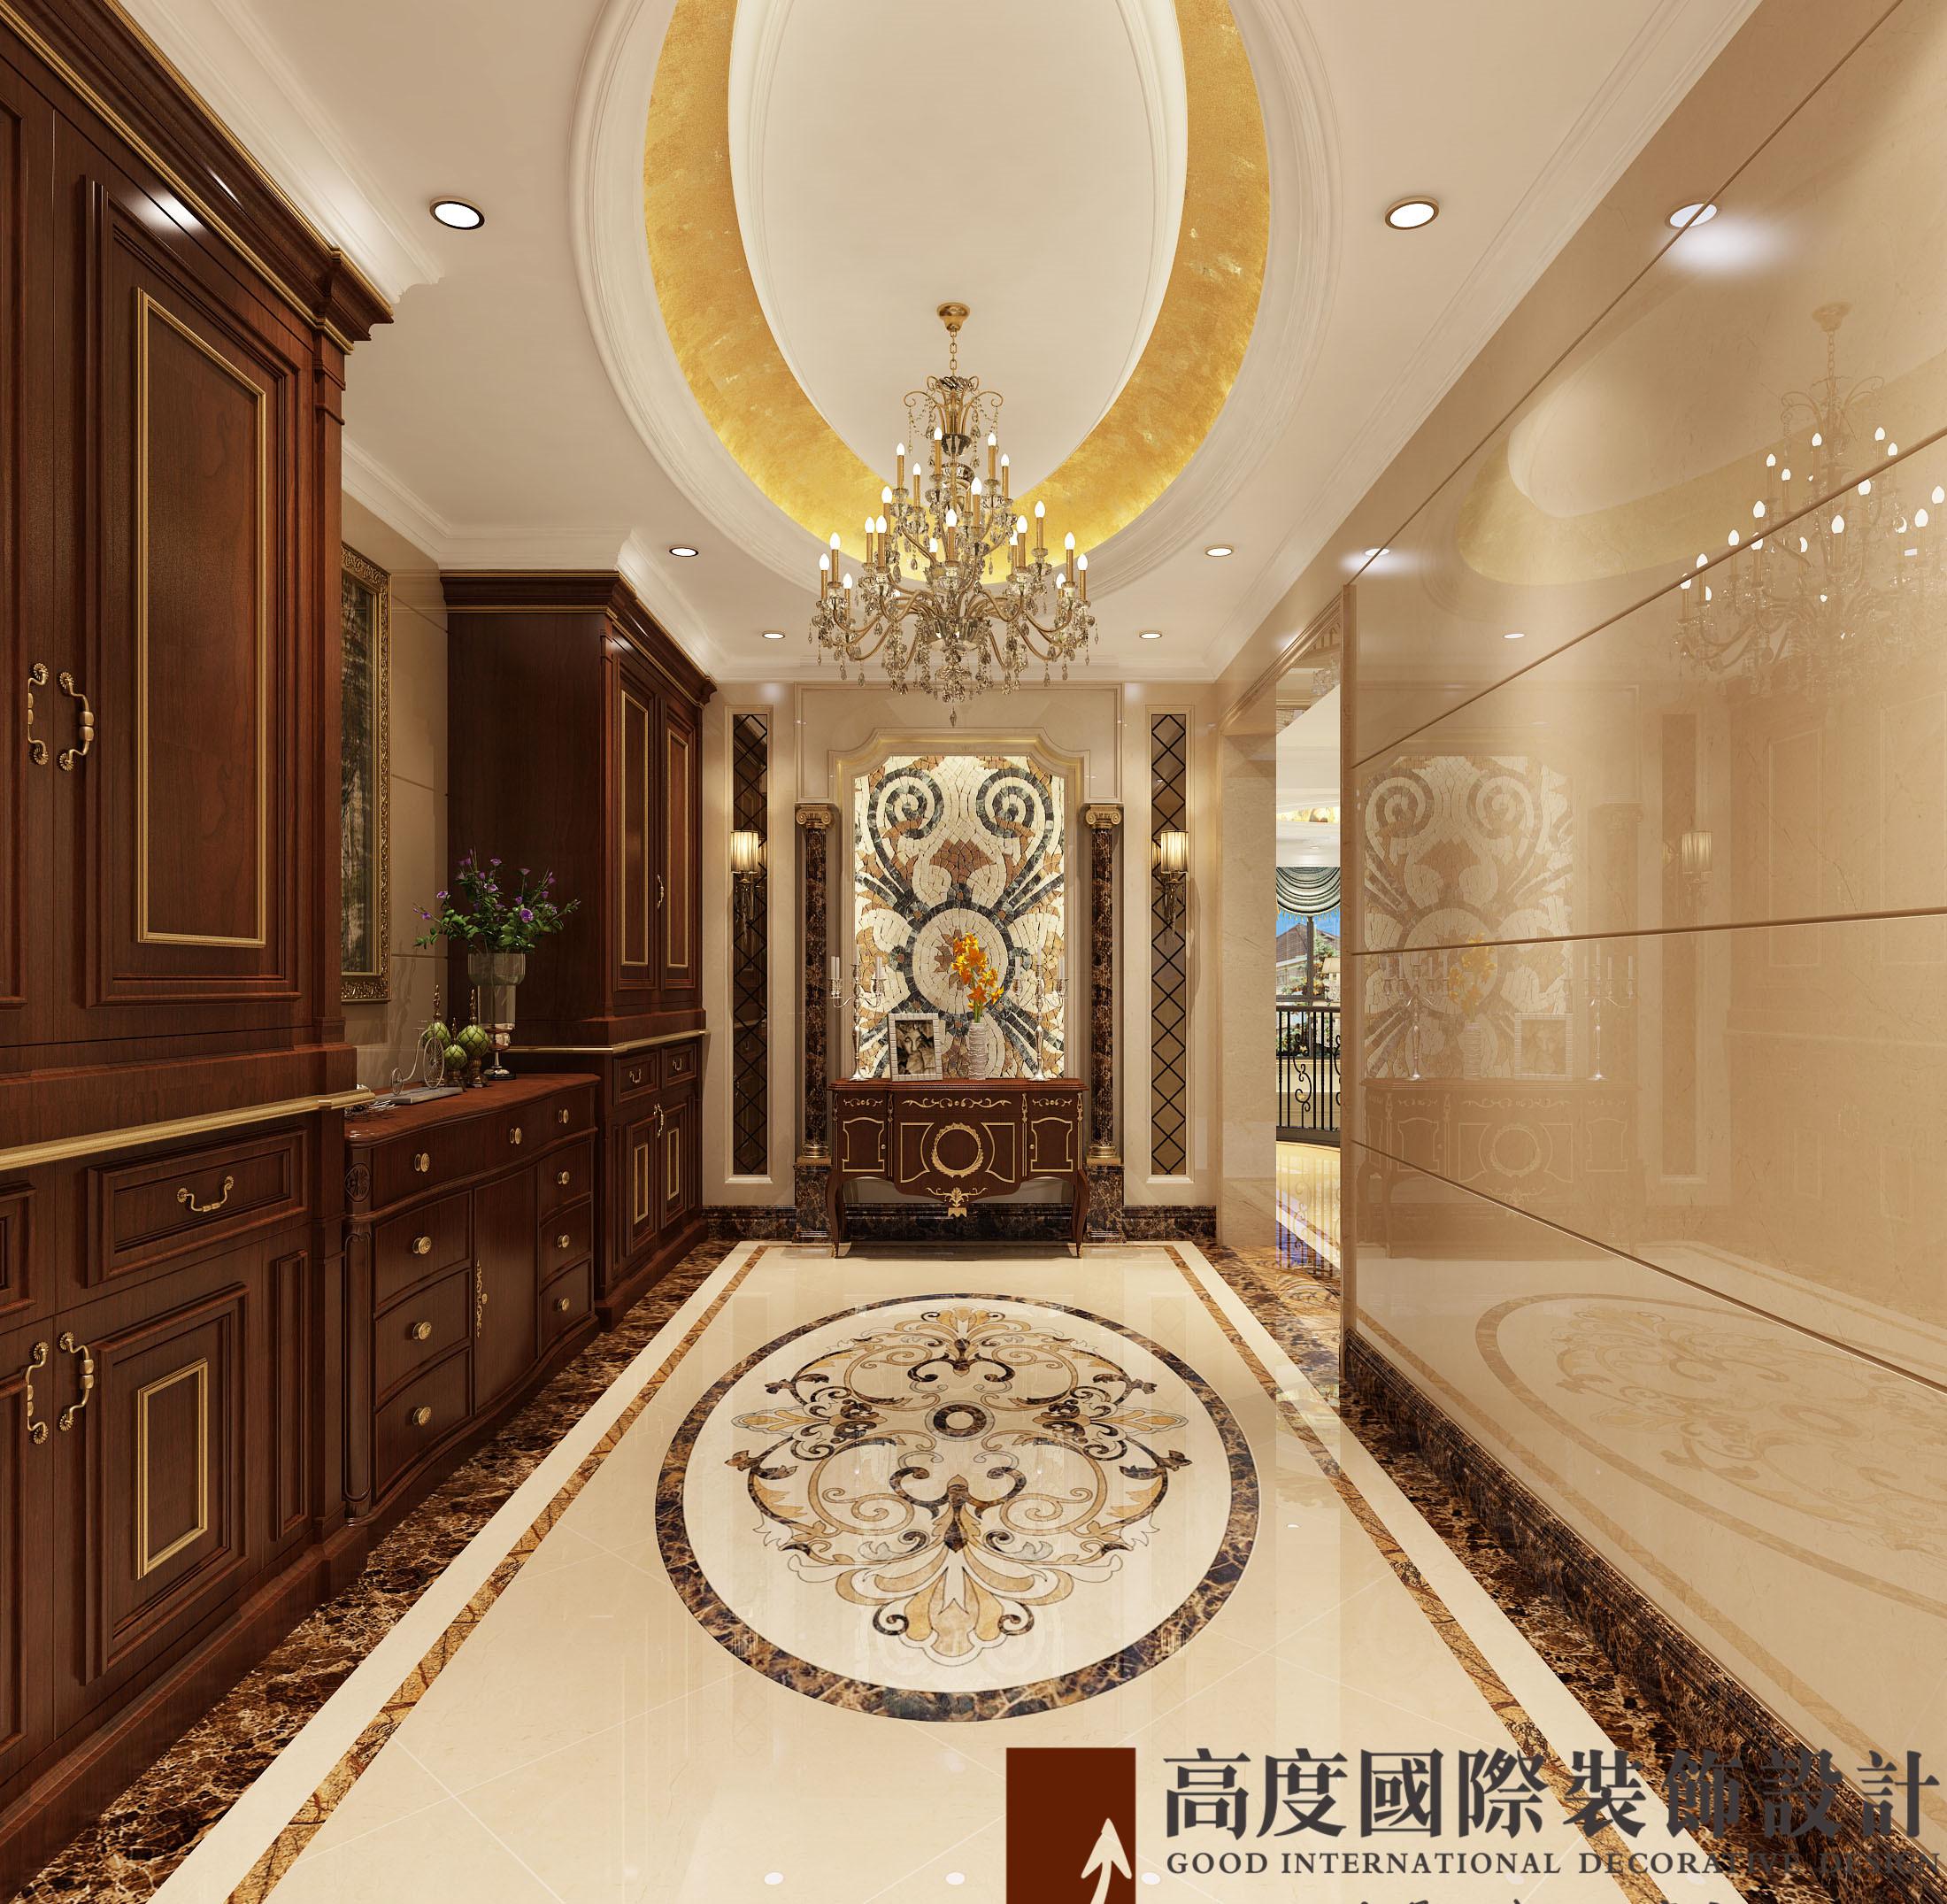 润泽墅郡 高度国际 装修设计 其他图片来自北京高度国际-陈玲在润泽墅郡C2联排中间户的分享